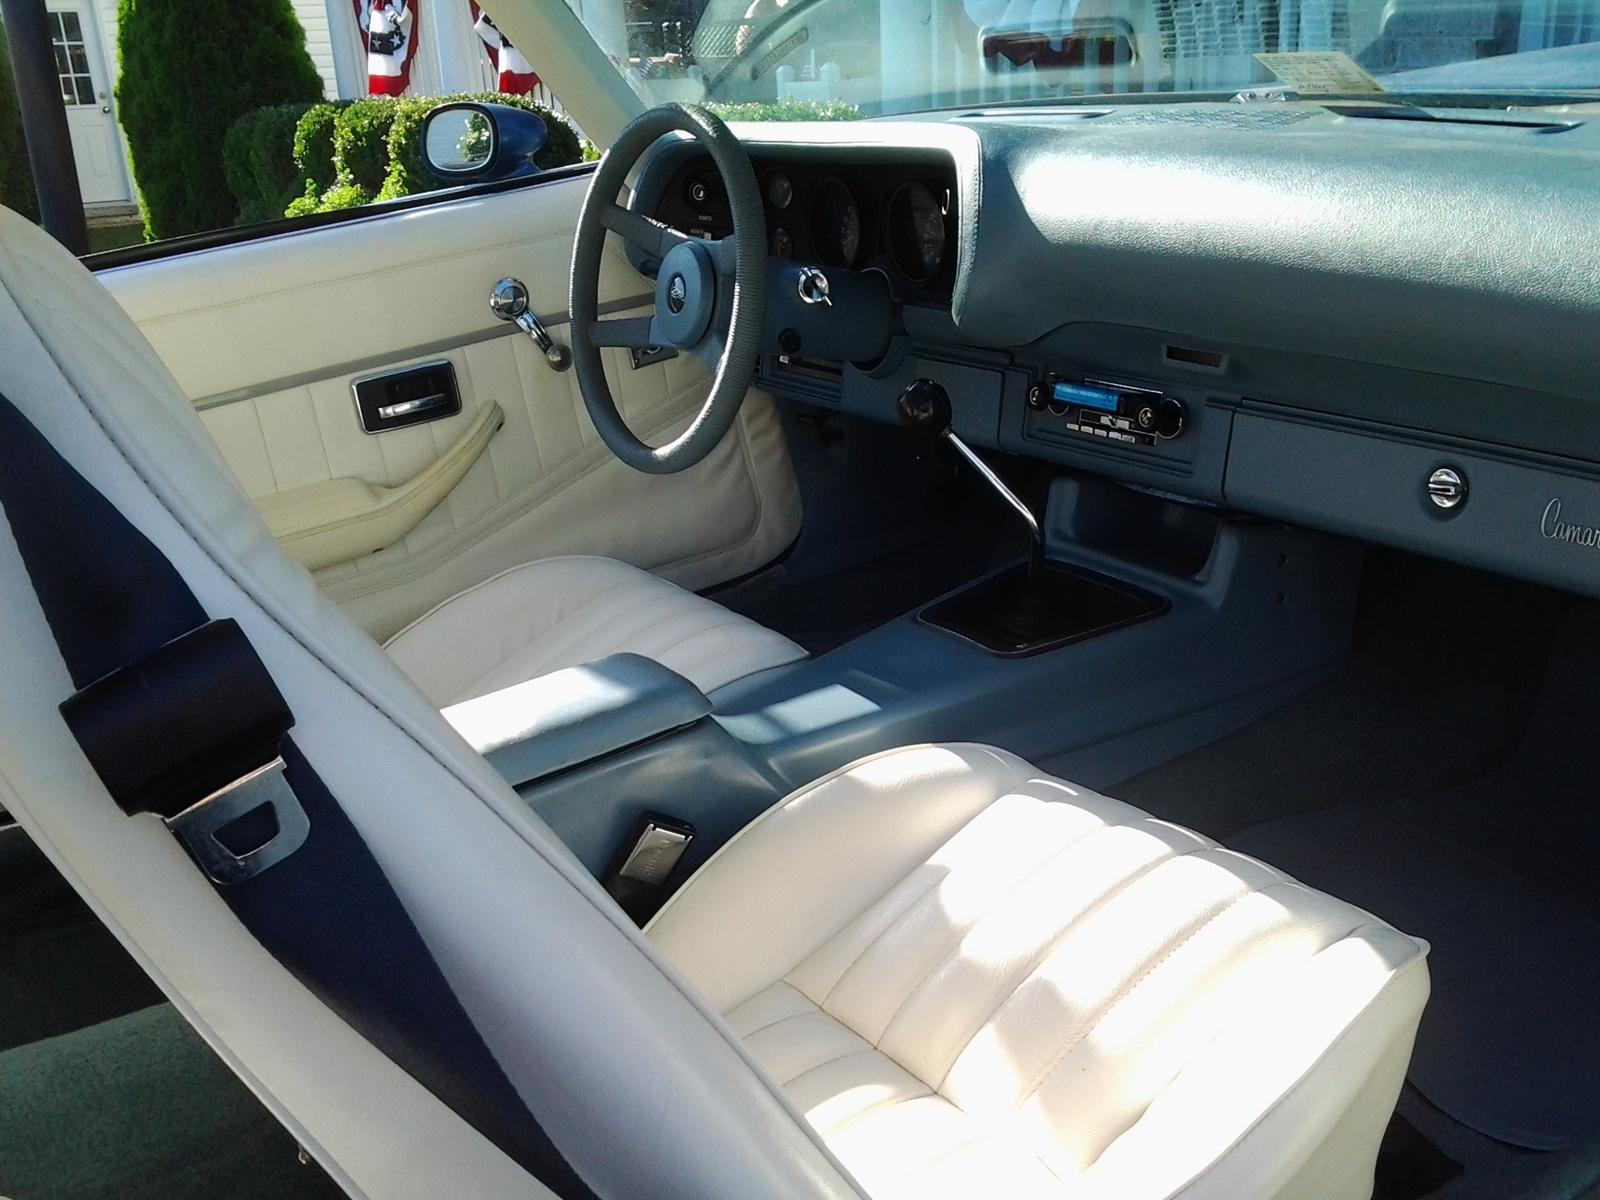 1978 chevrolet camaro interior pictures cargurus. Black Bedroom Furniture Sets. Home Design Ideas